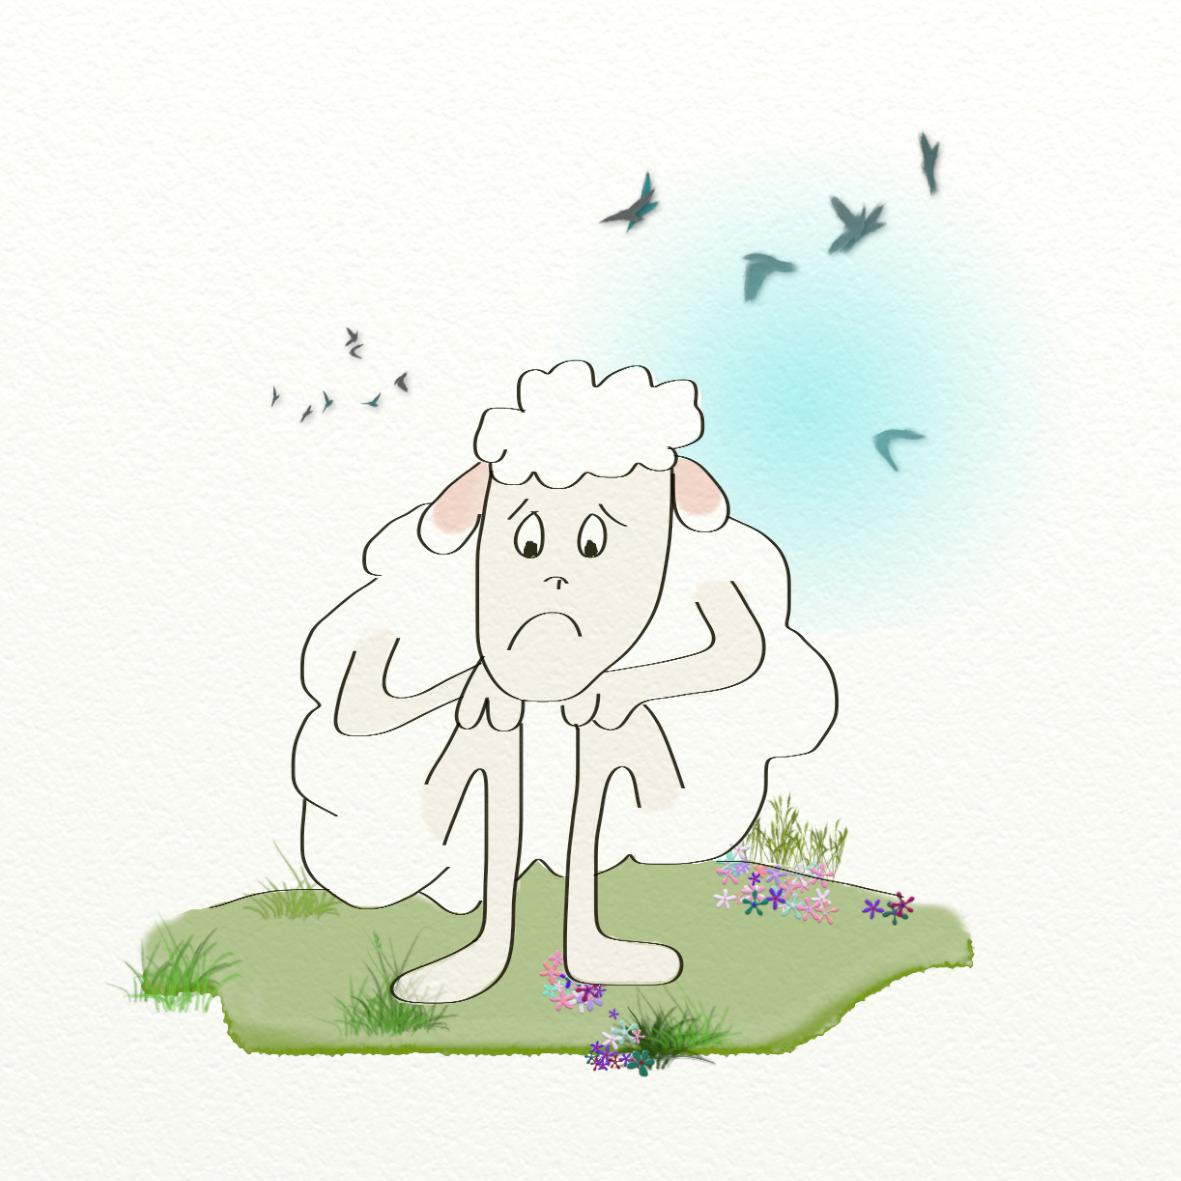 Dessin a colorier mouton - Mouton en dessin ...